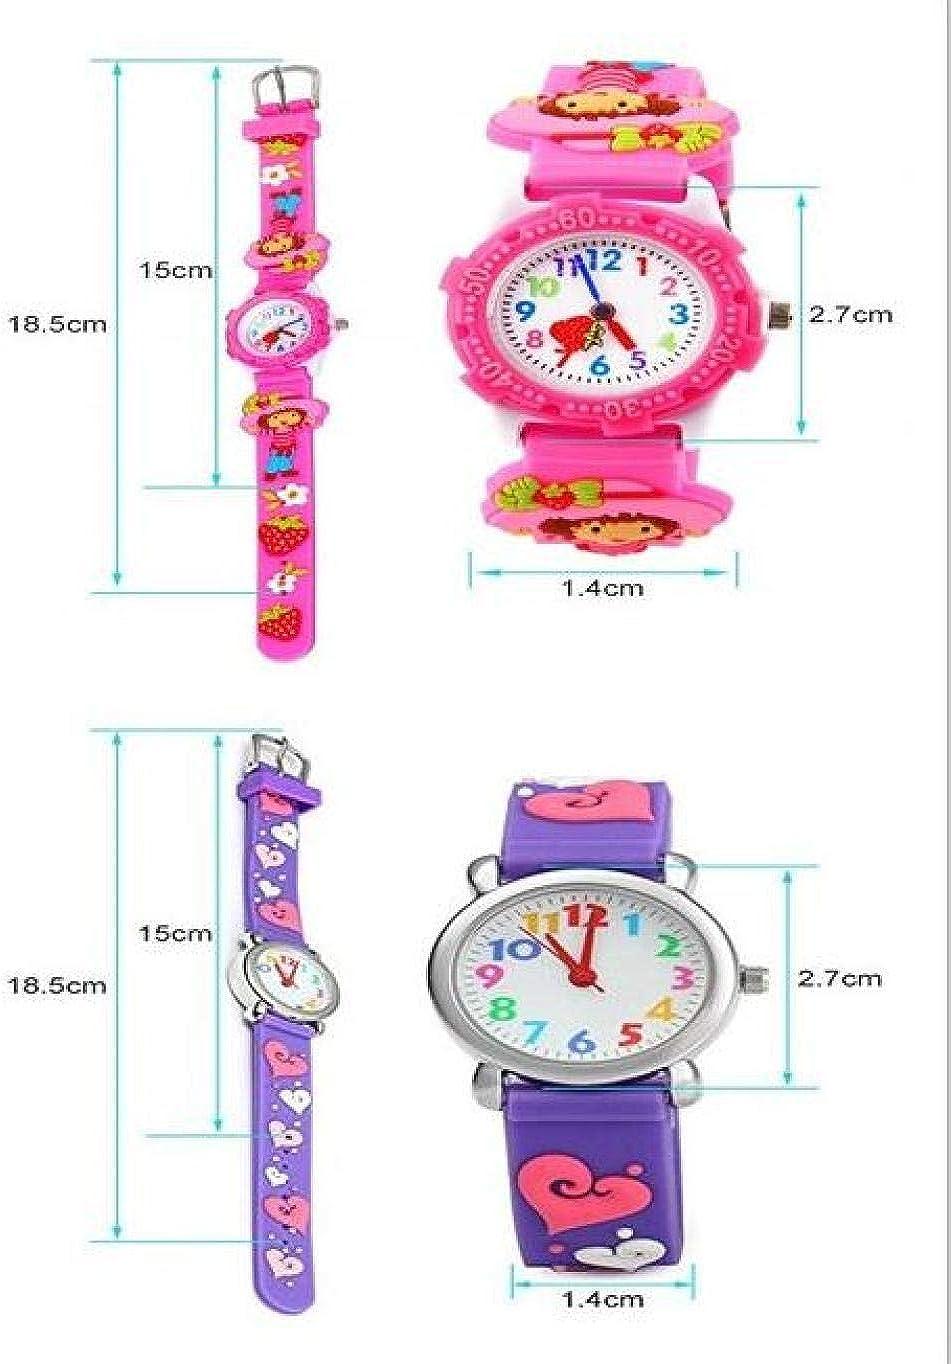 Armbanduhren Cartoon 3D Kleine Schildkröte Erdbeeruhr Junge Mädchen Uhr wasserdichte Quarzuhr Weiß